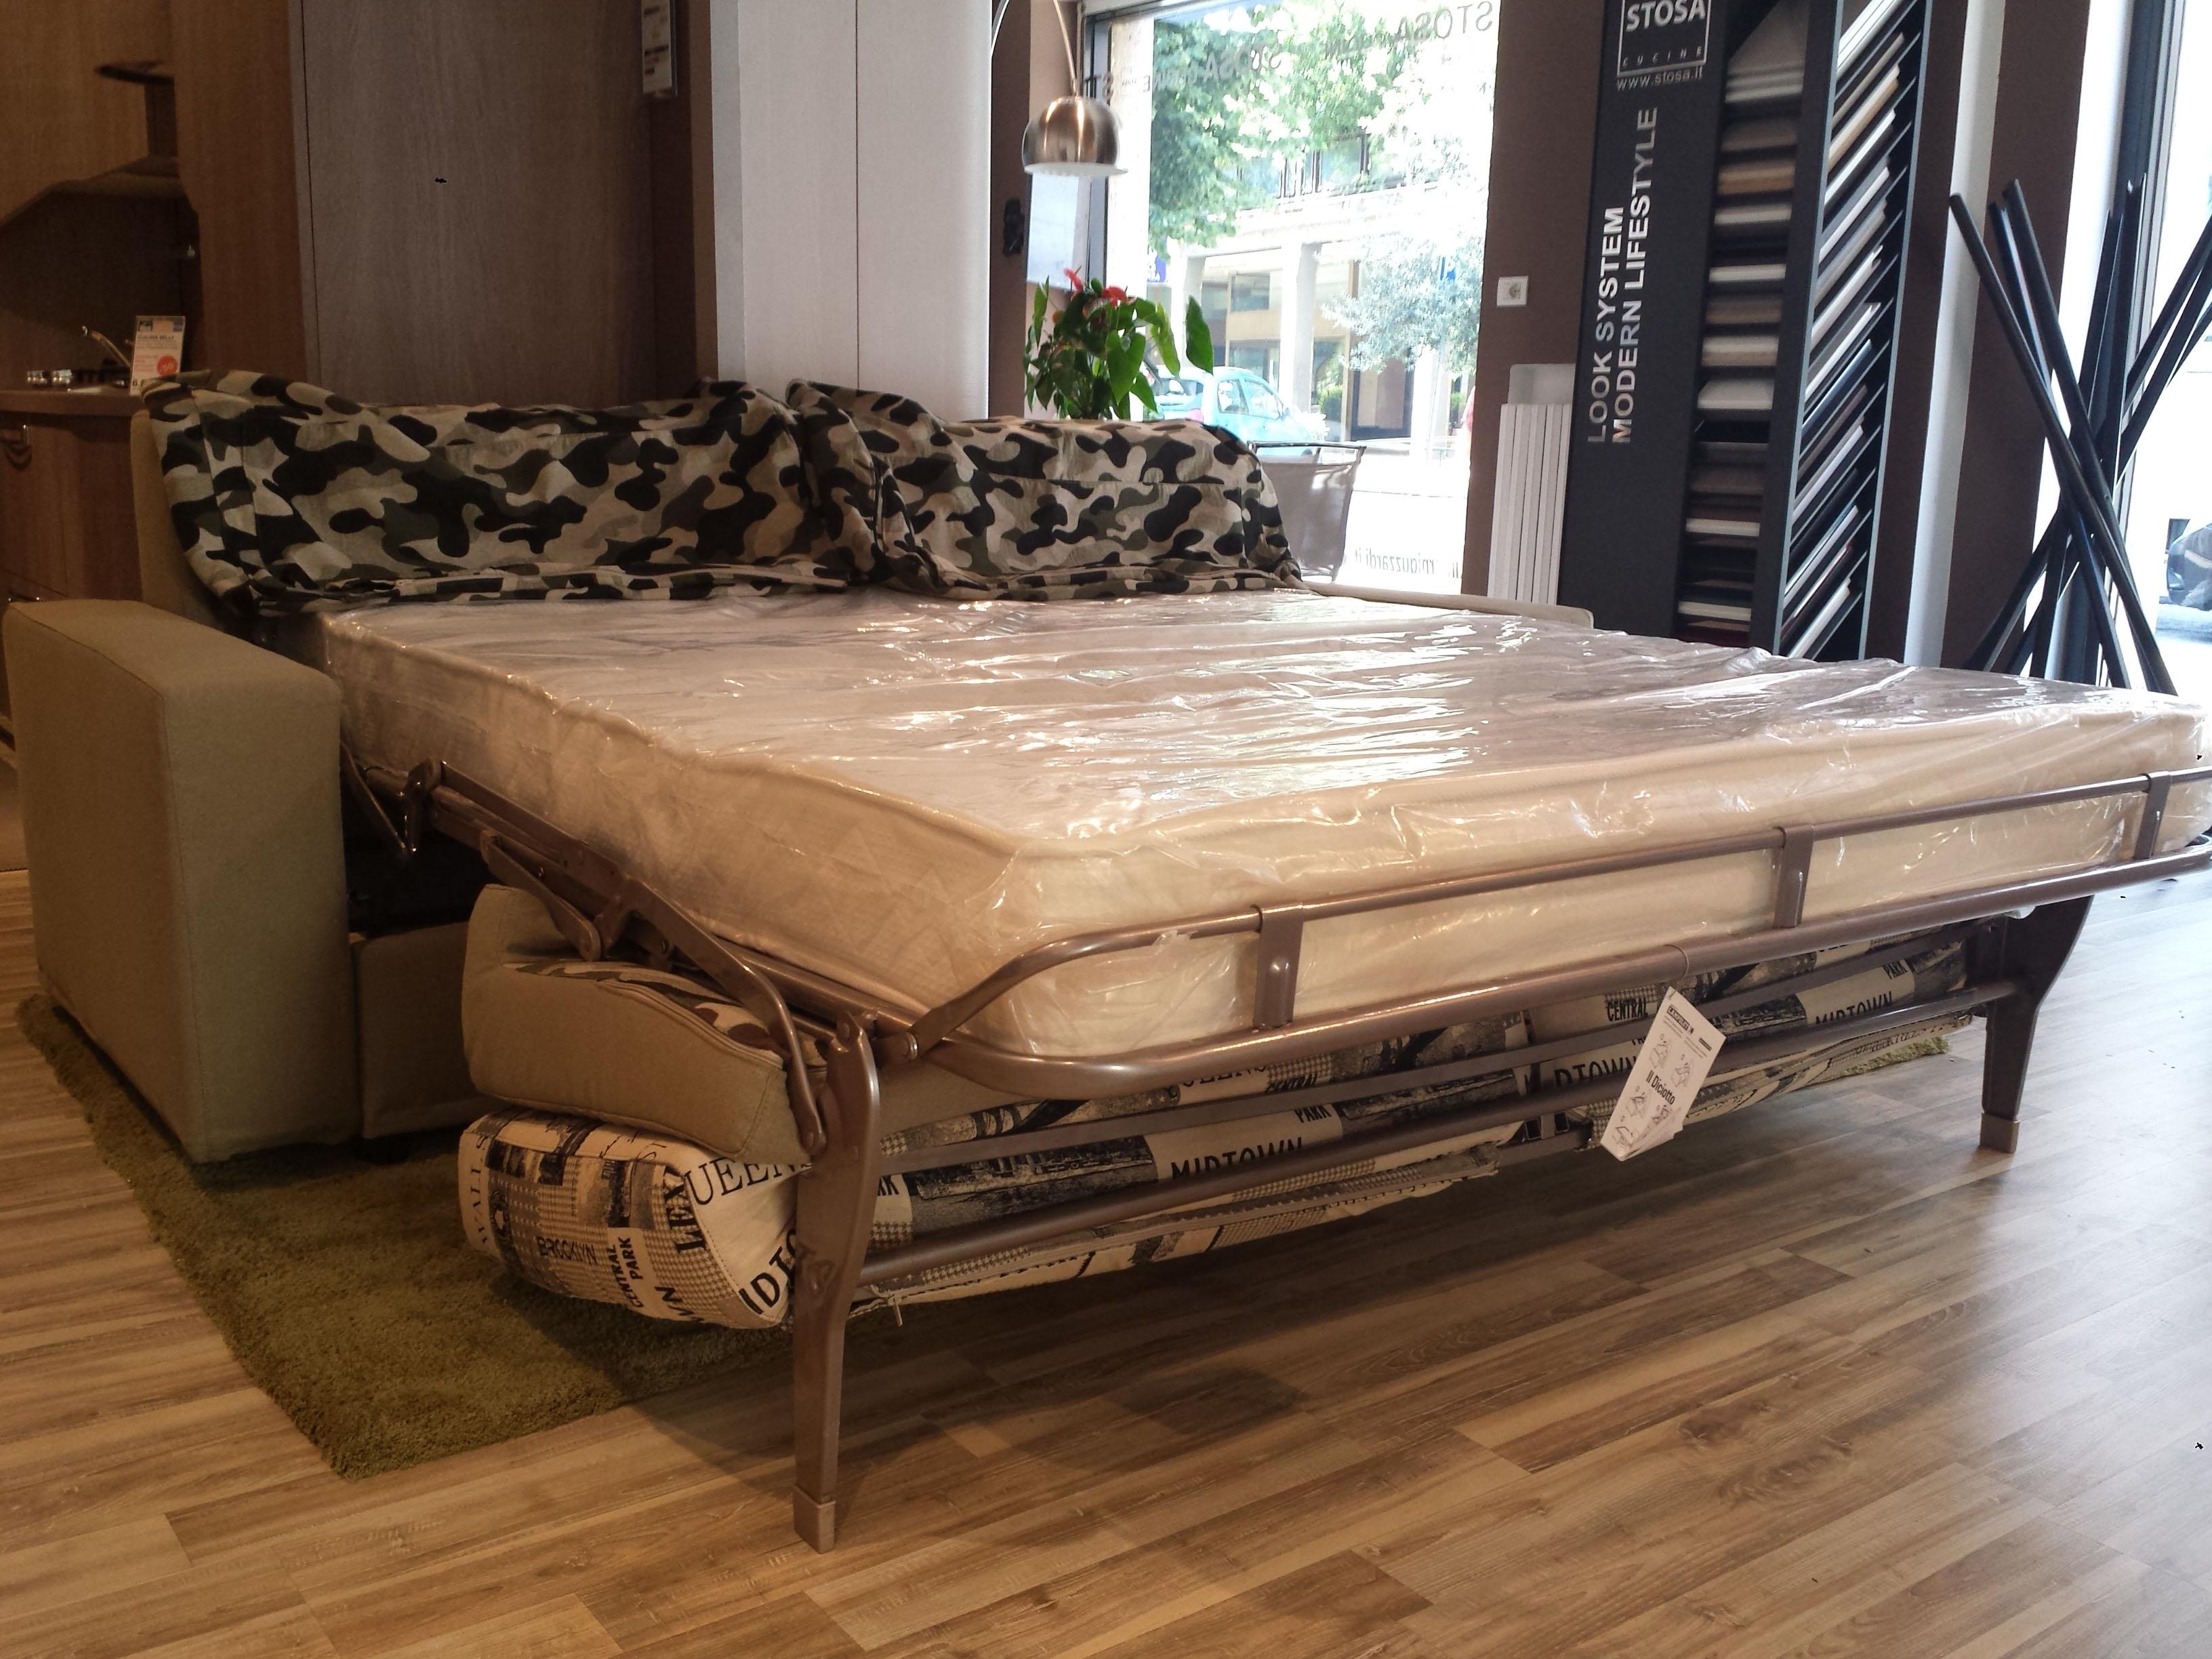 Divano letto artigianale made in italy super offerta - Divano letto con materasso alto ...